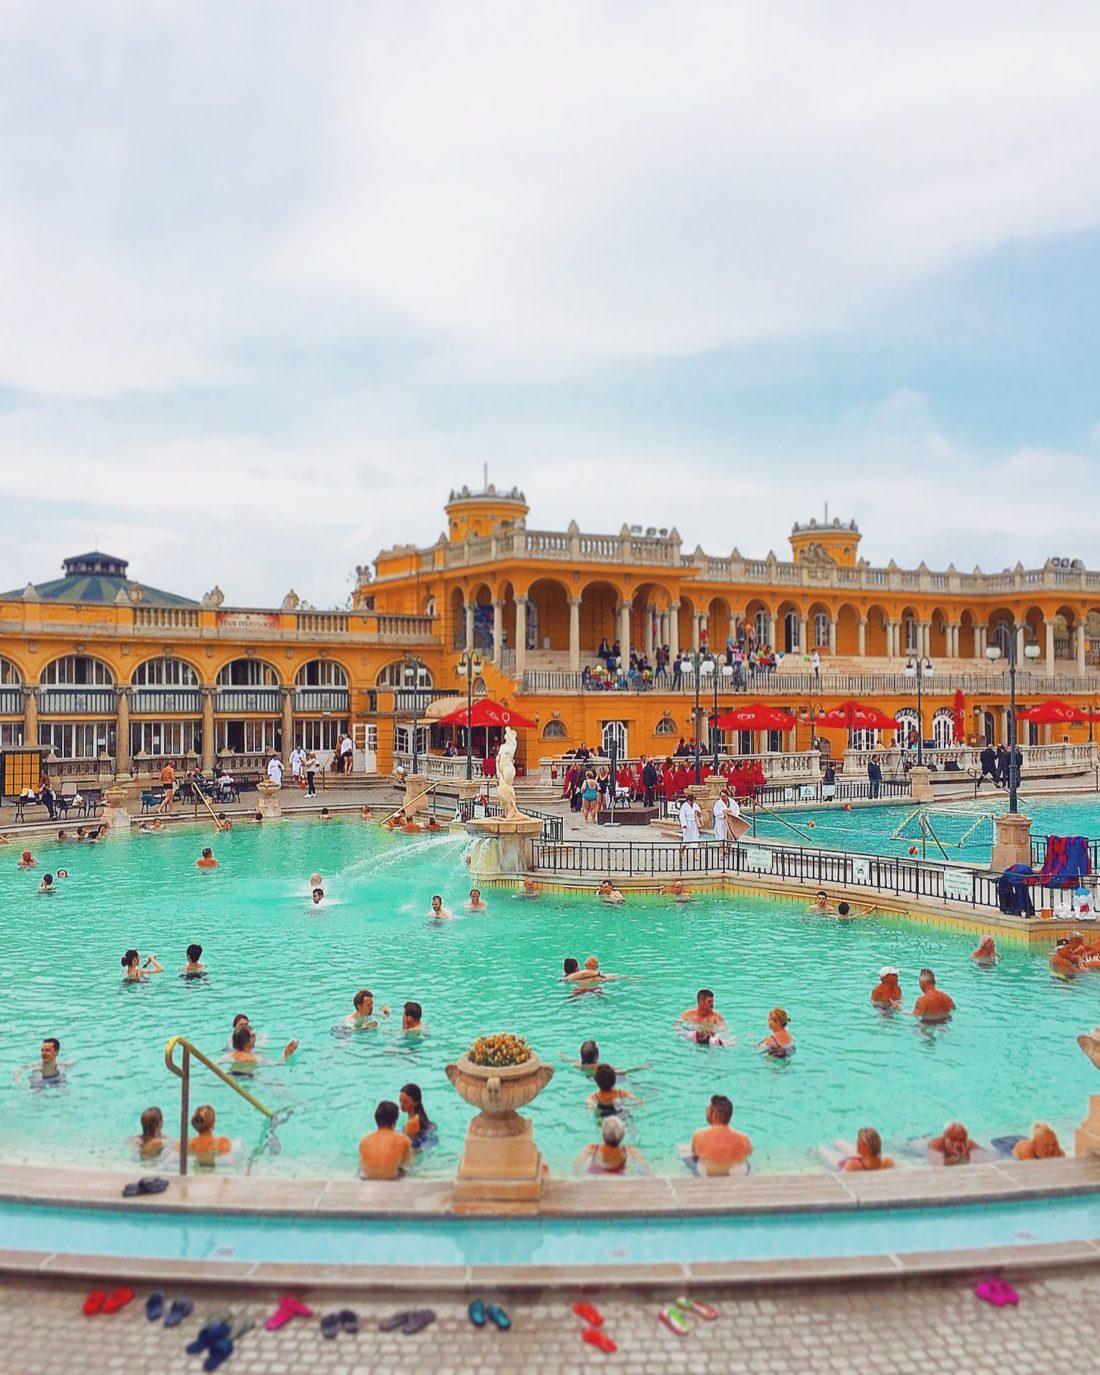 BUDAPEST – Thermal spa / Szechenyi thermal bath